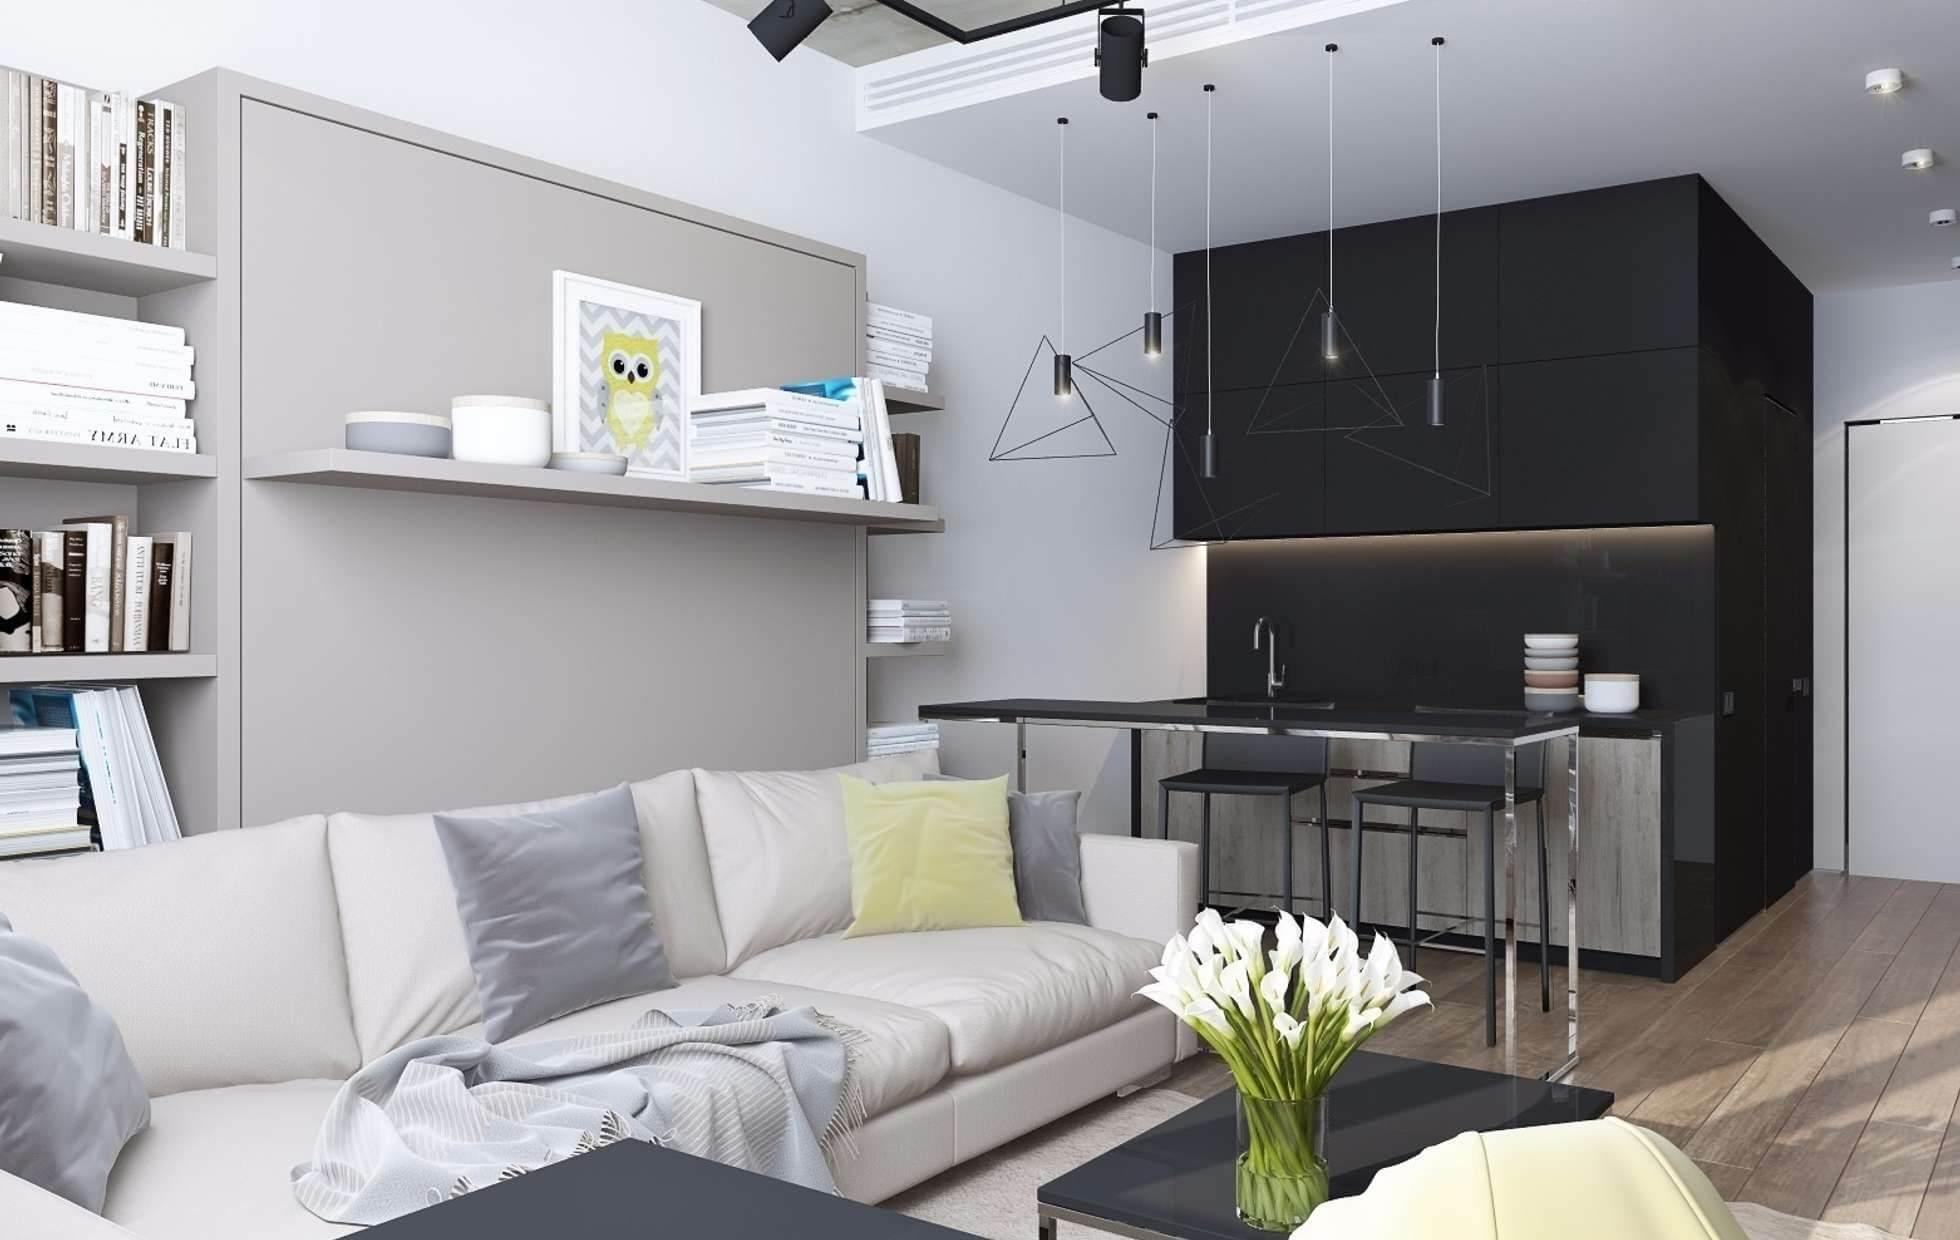 Интерьер квартиры студии 24 кв.м